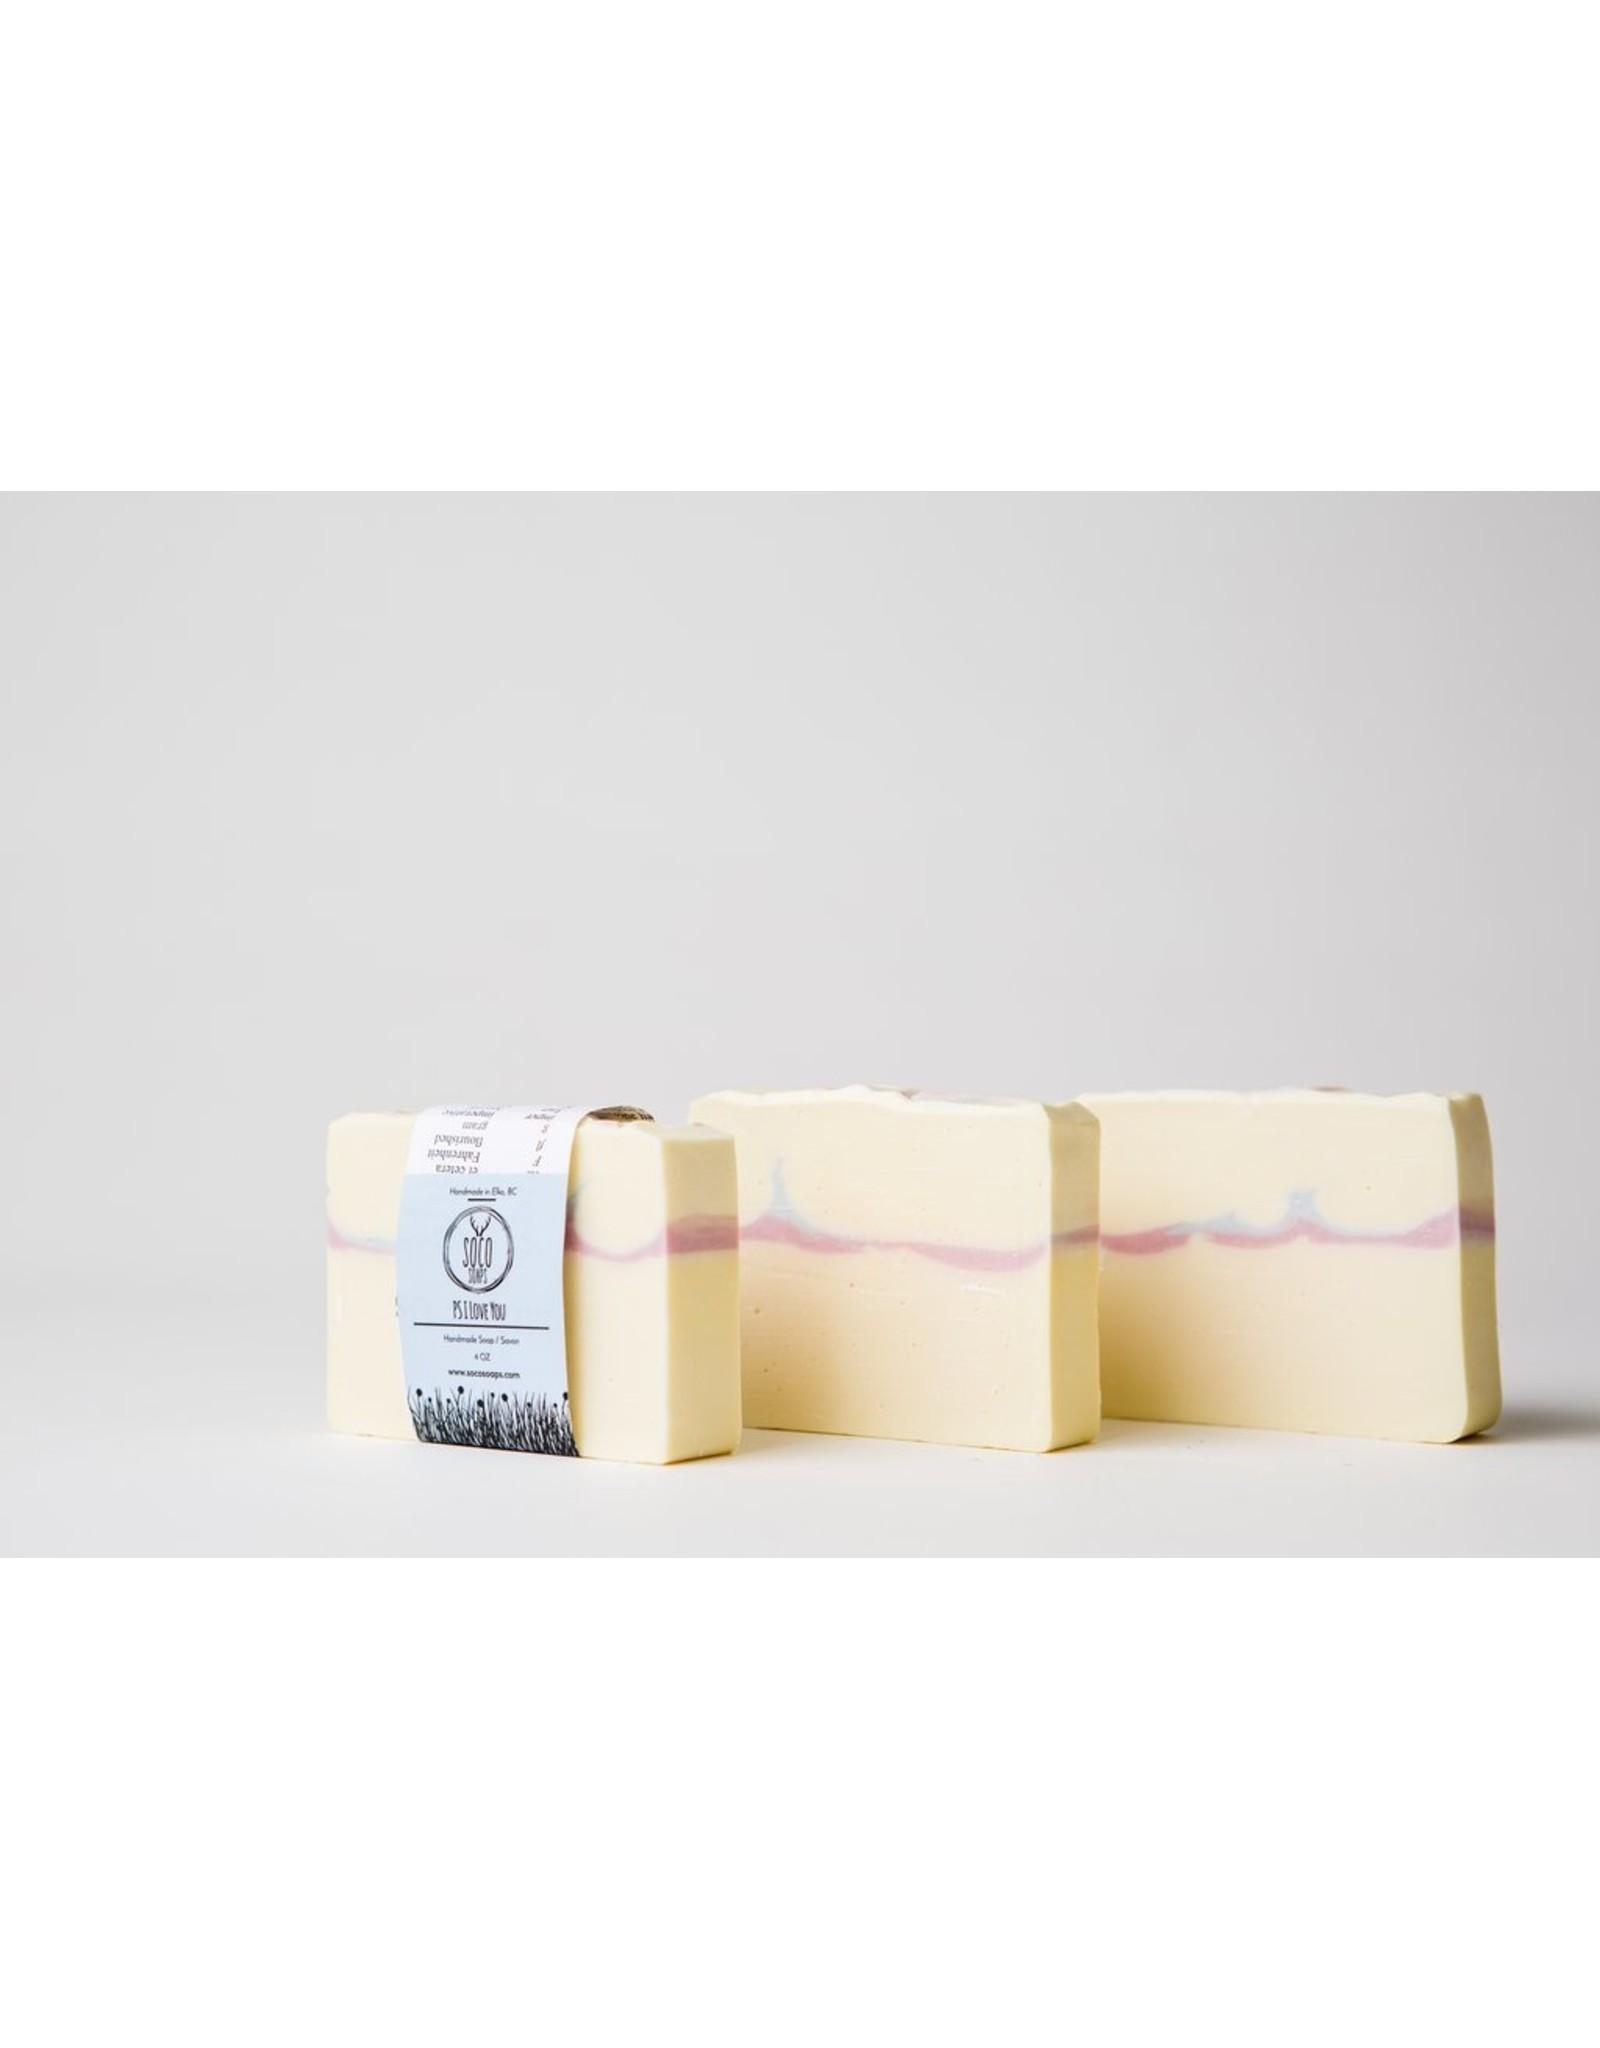 Soco Soco Soap Bar